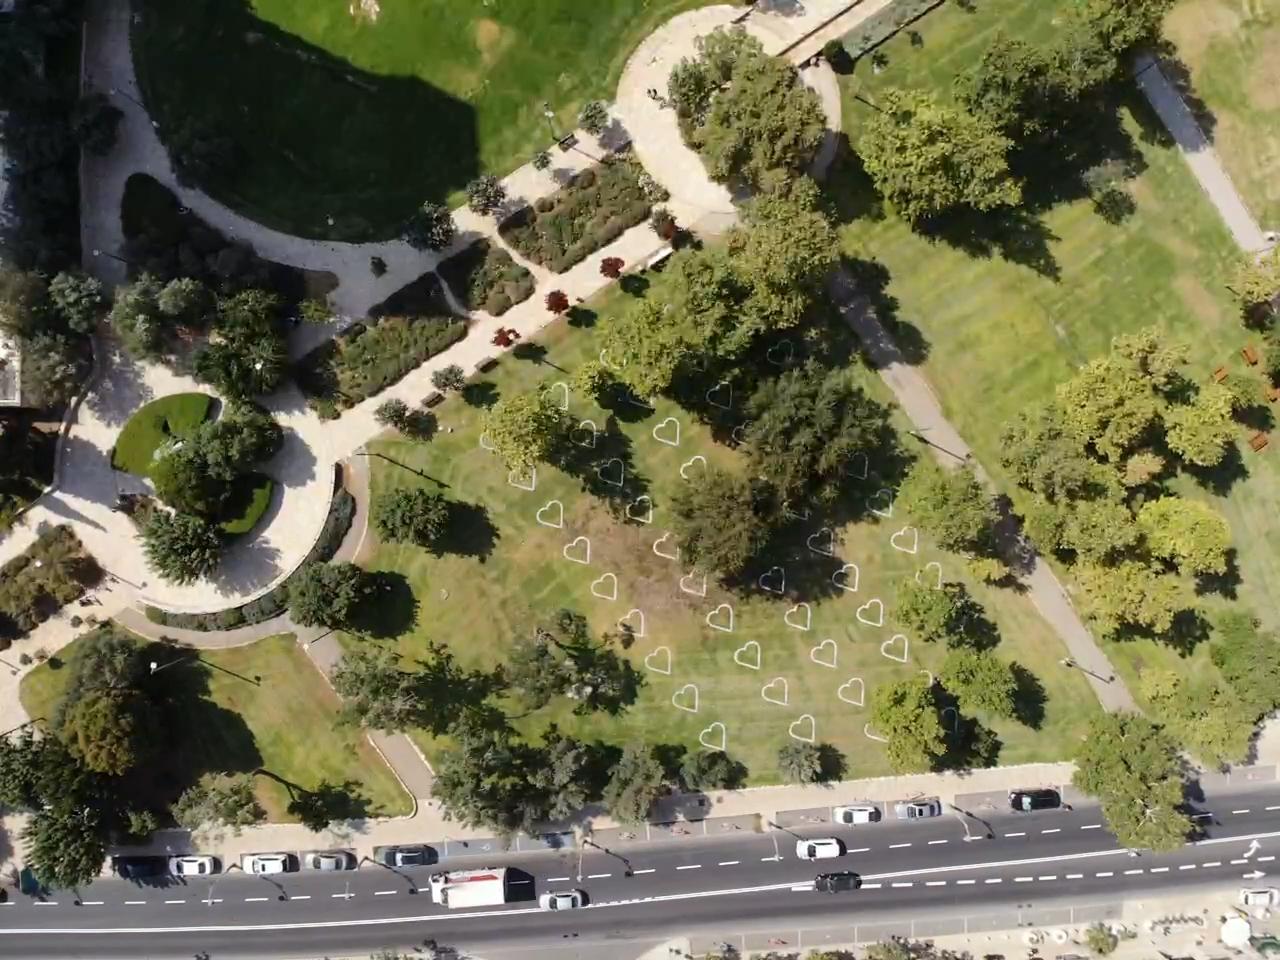 גן העצמאות - פארק הלבבות החדש (צילום: עיריית ירושלים)